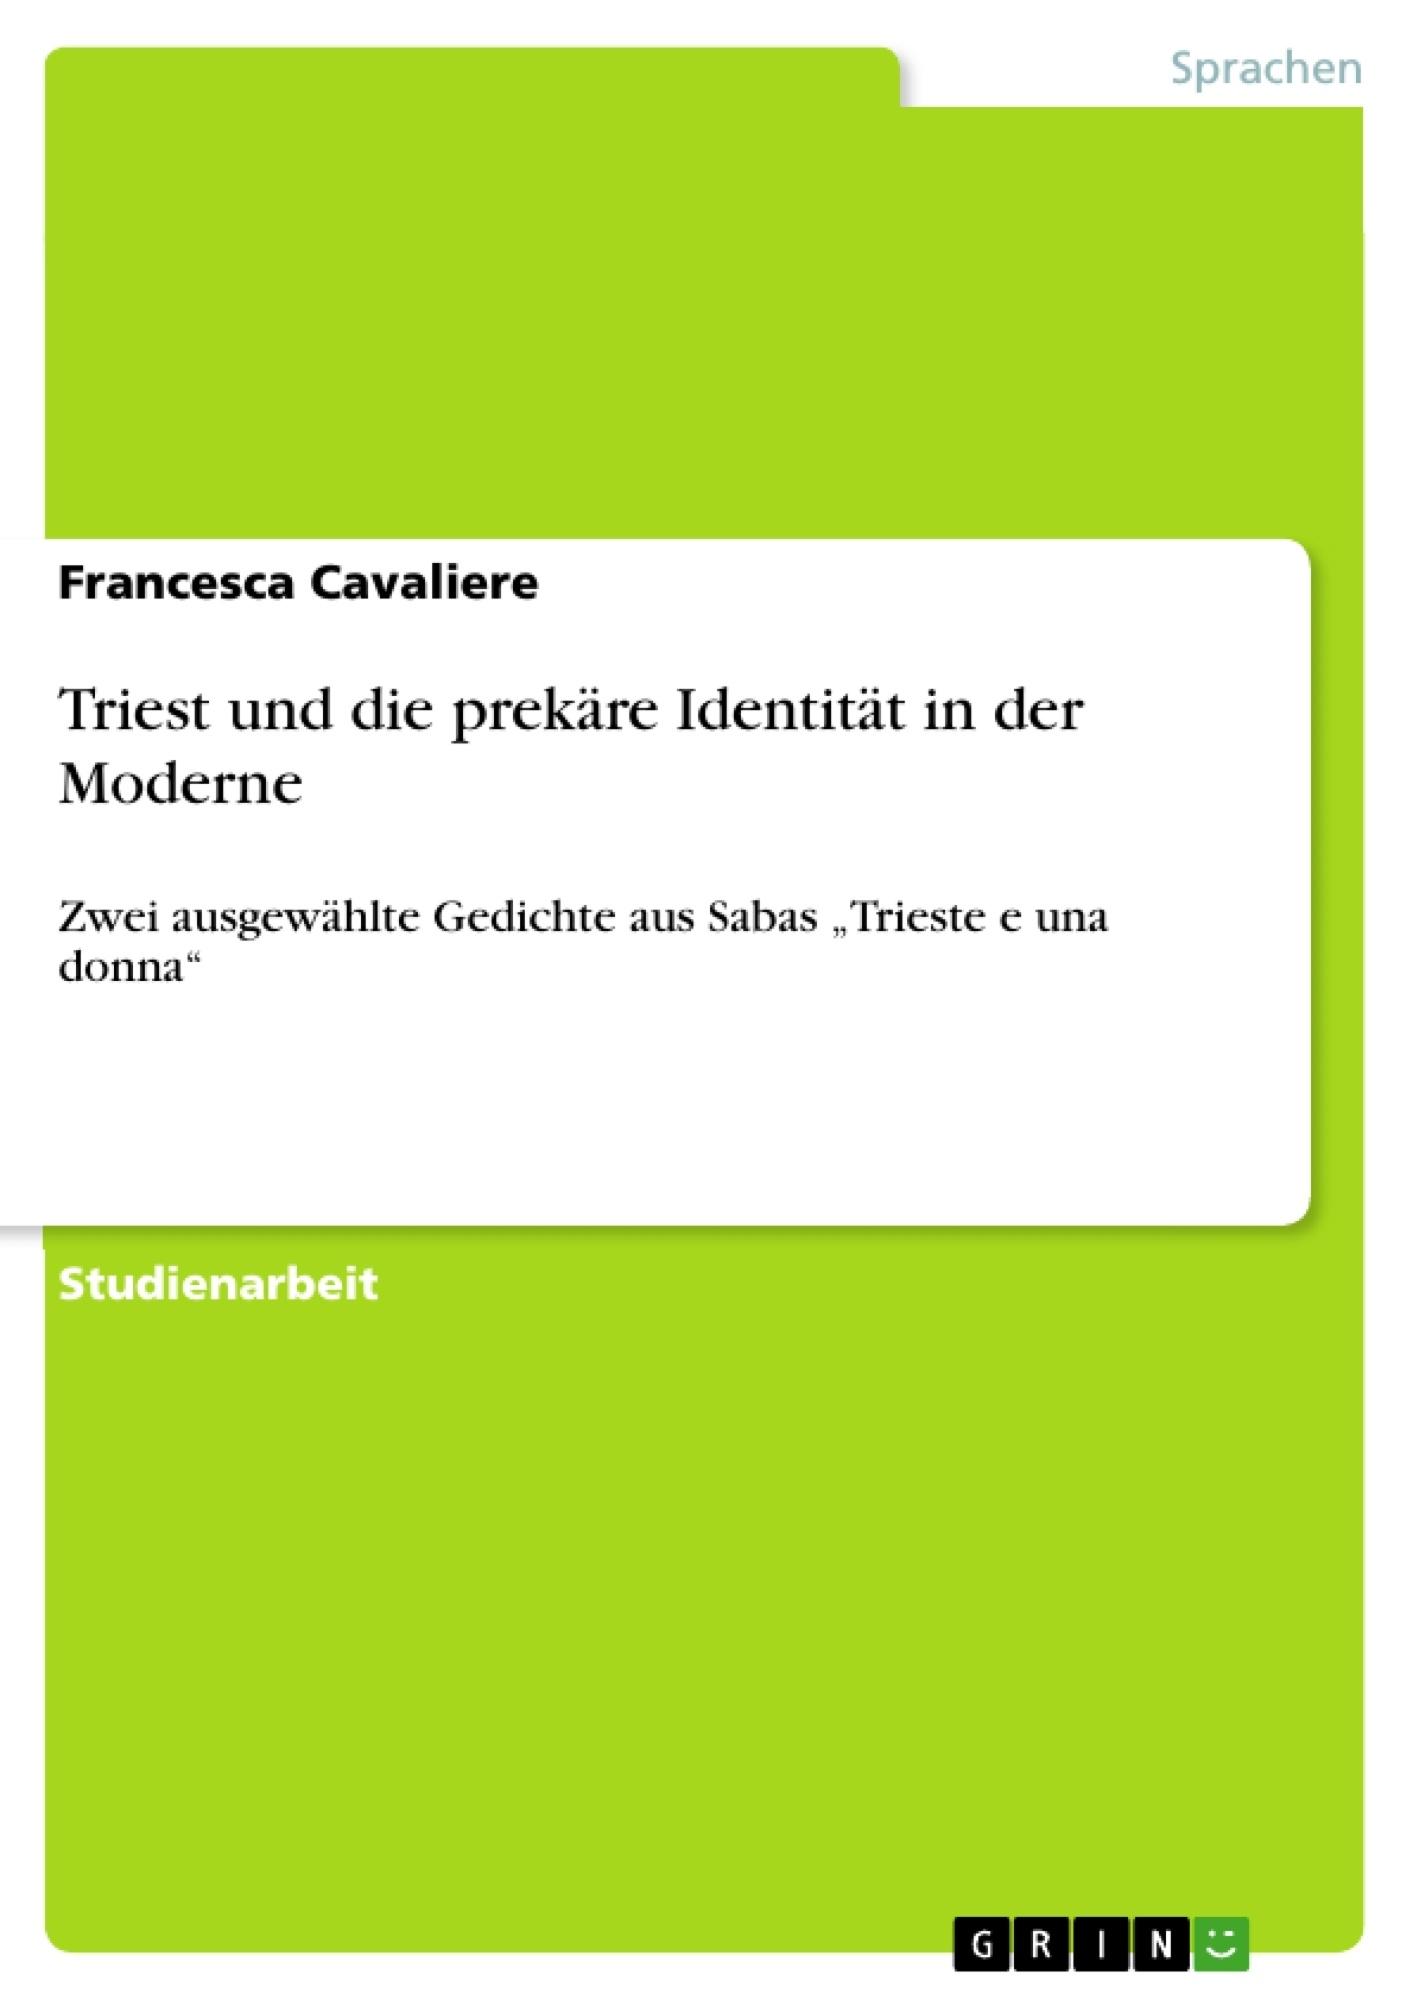 Titel: Triest und die prekäre Identität in der Moderne